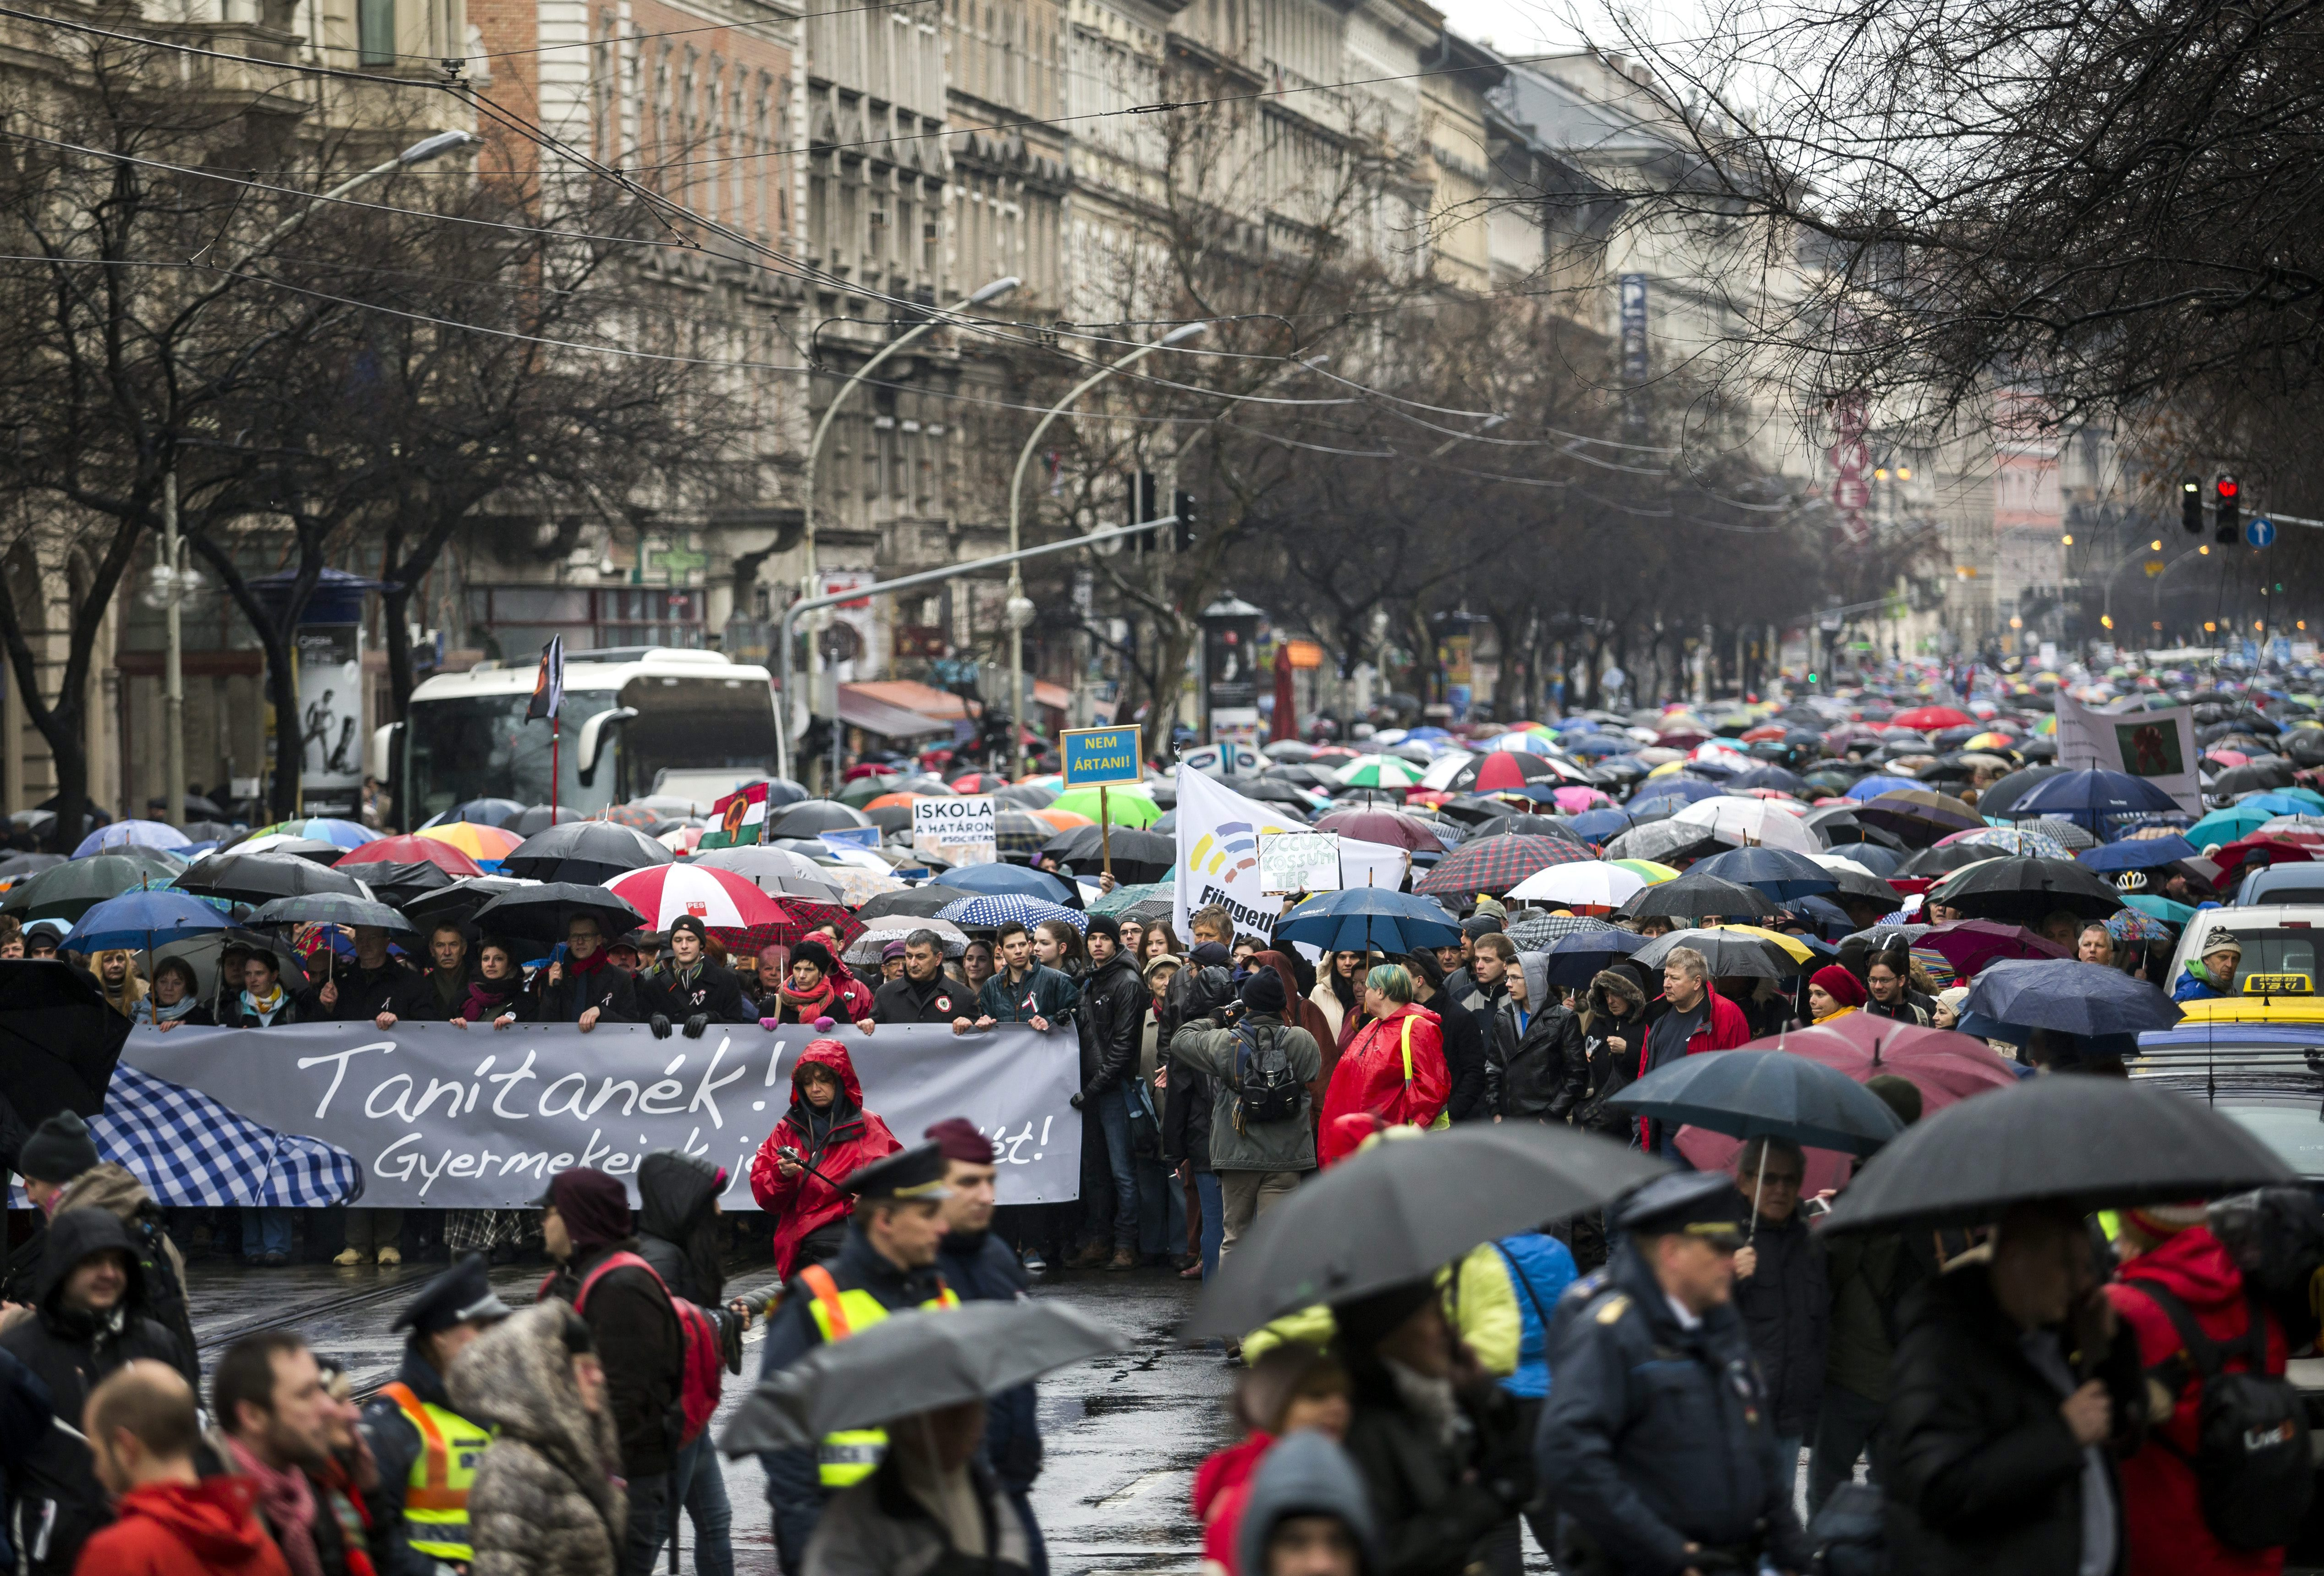 A Tanítanék Mozgalom már nem 1, hanem 2 órás sztrájkra készül